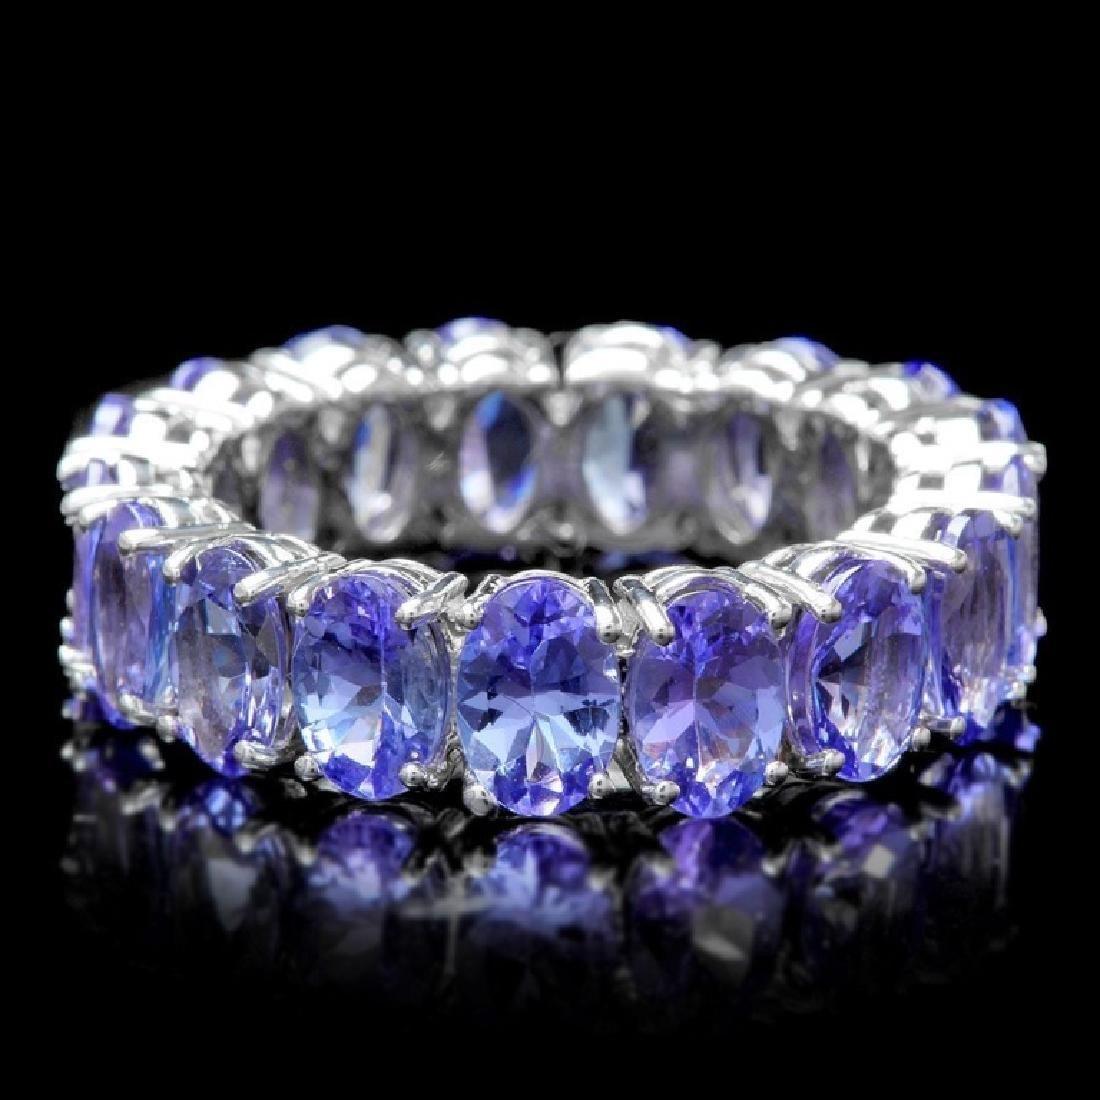 14k White Gold 7.70ct Tanzanite Ring